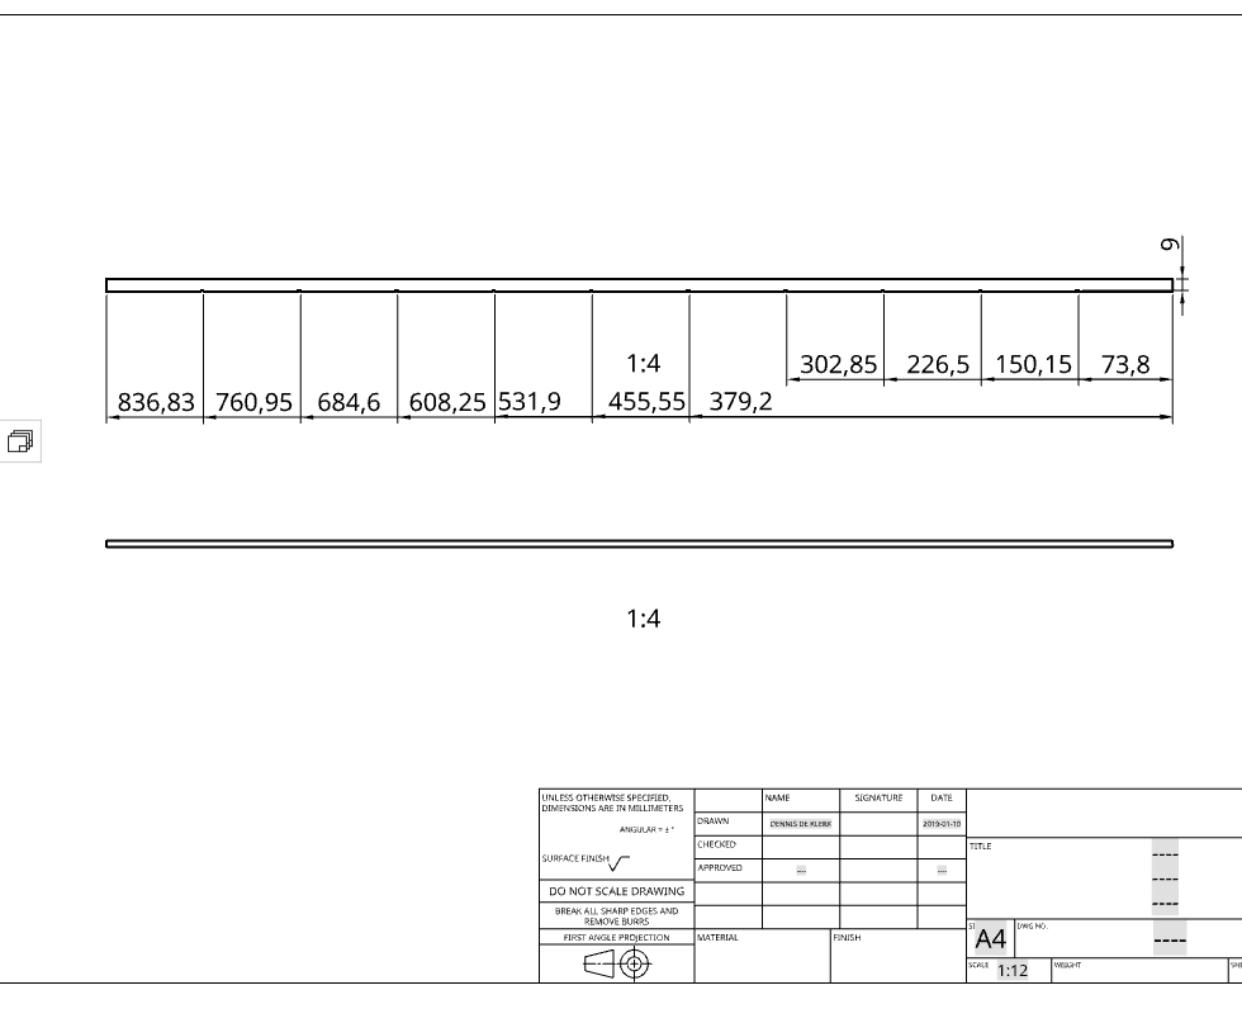 B8040DF3-B471-474A-B411-F9E25CF2131A.jpeg